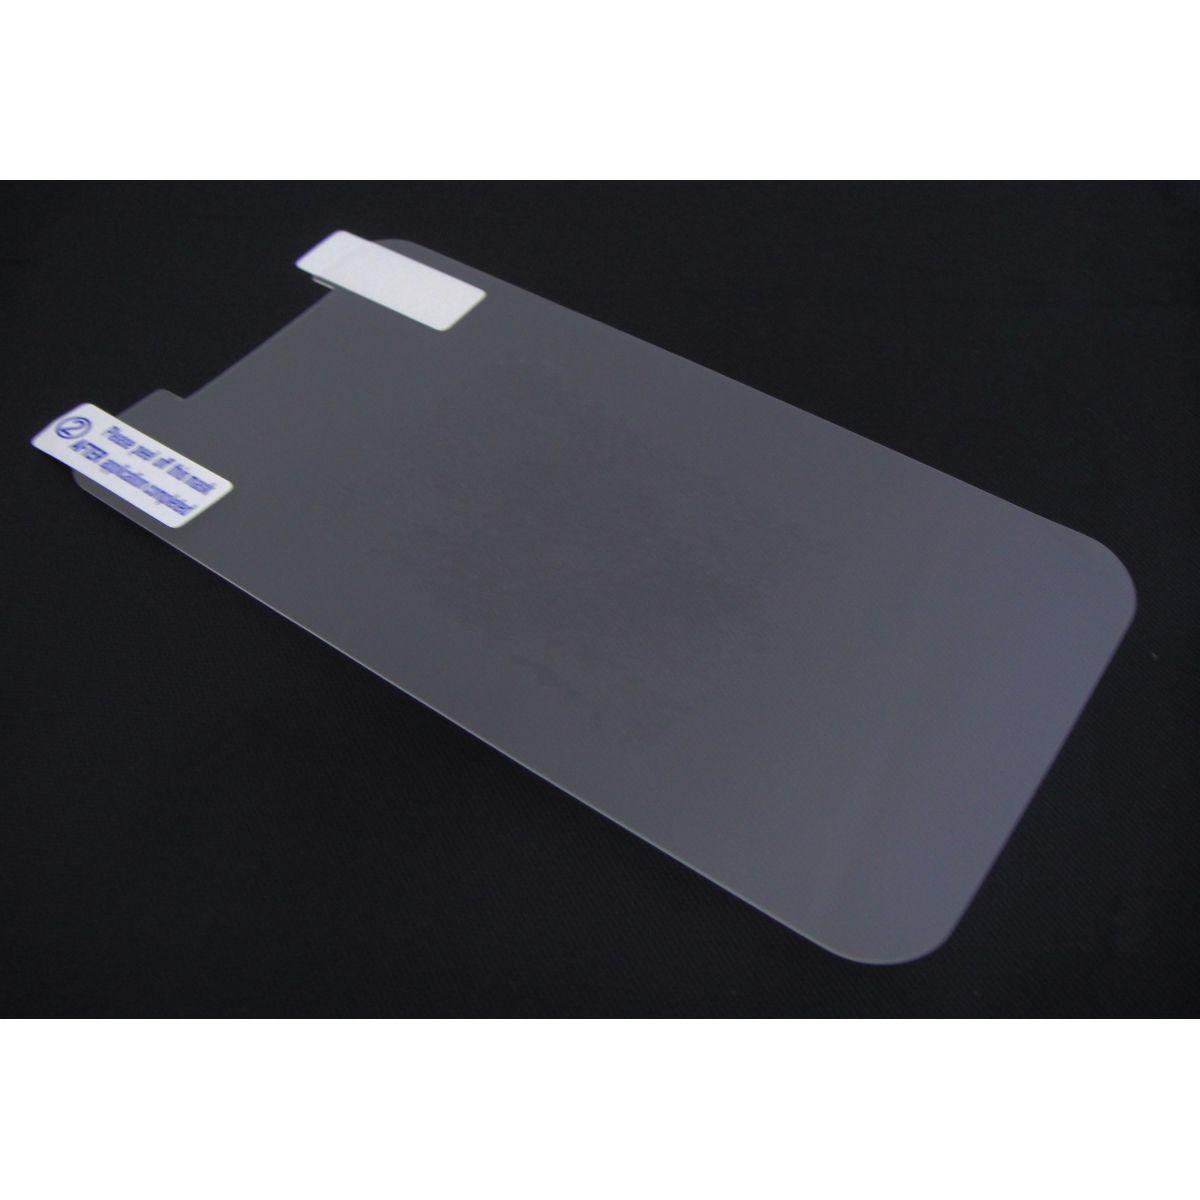 Pelicula Protetora para CCE Mobi Motion Plus SM70 Transparente